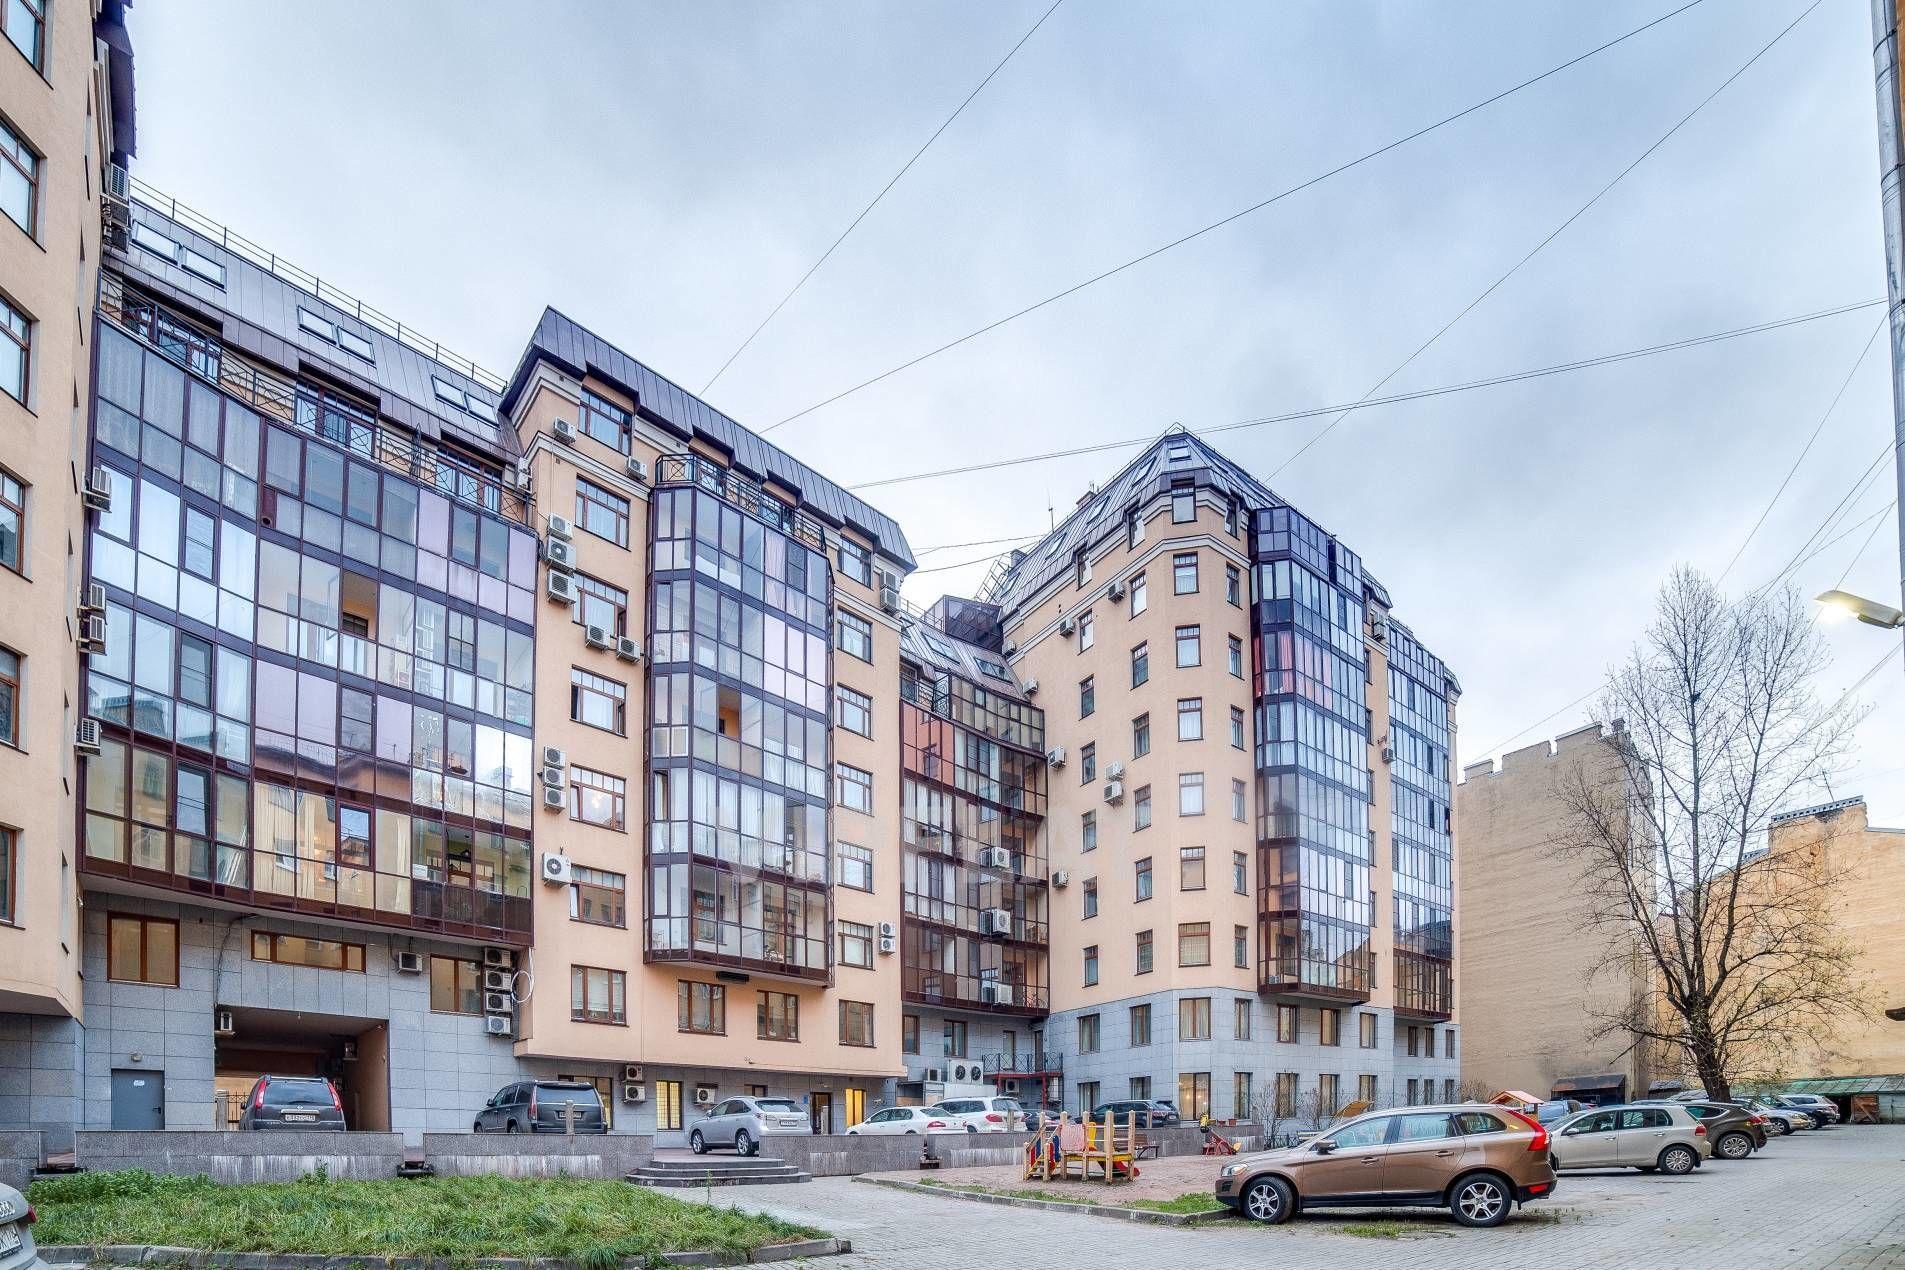 Продажа элитных квартир Санкт-Петербурга. 9-я Советская ул., 5 Вид на дом со стороны двора